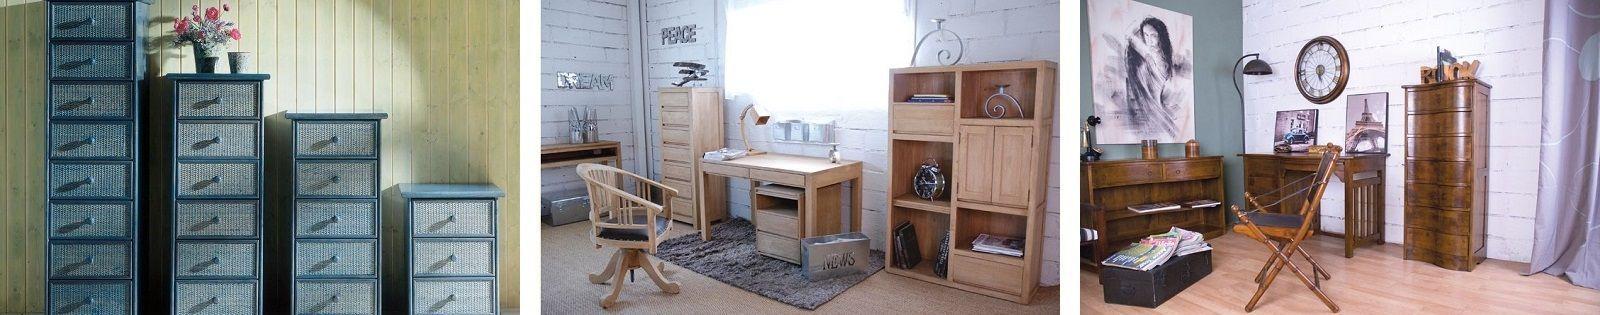 Chiffonnier en bois massif : teck, hévéa et exotique en rotin, fer forgé. Lotuséa